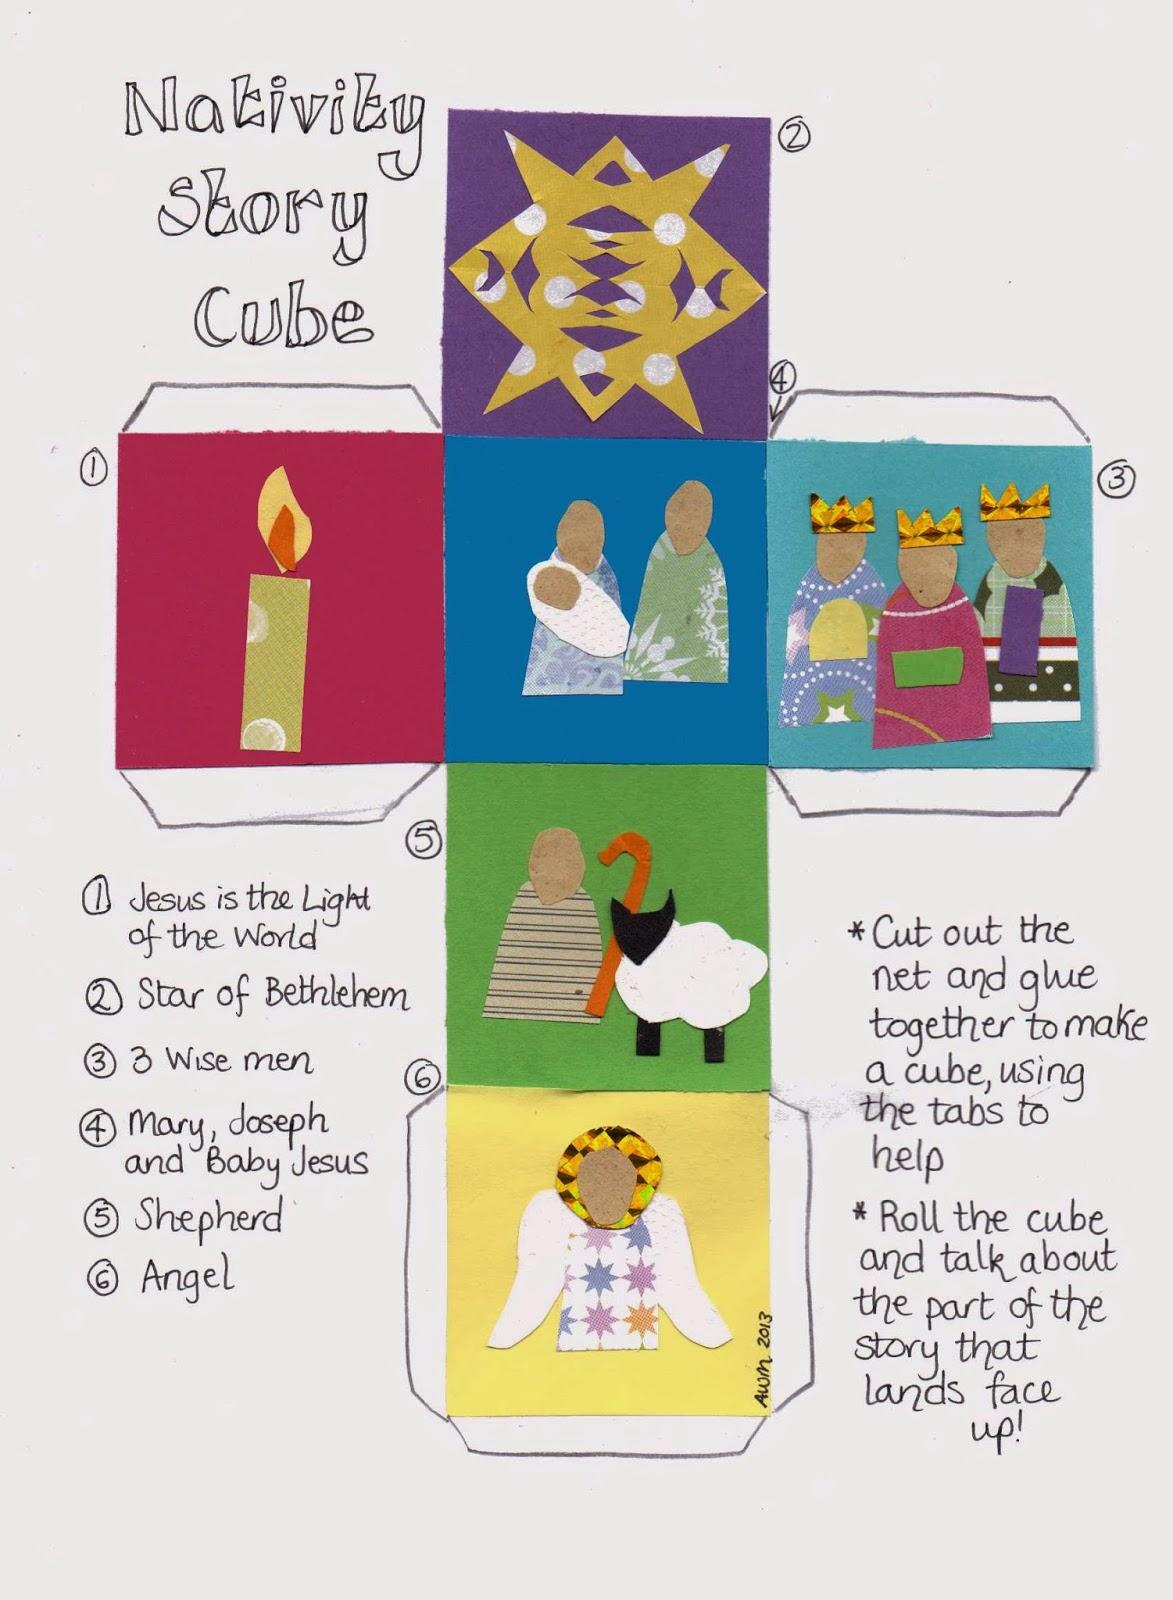 nativity-story-cube